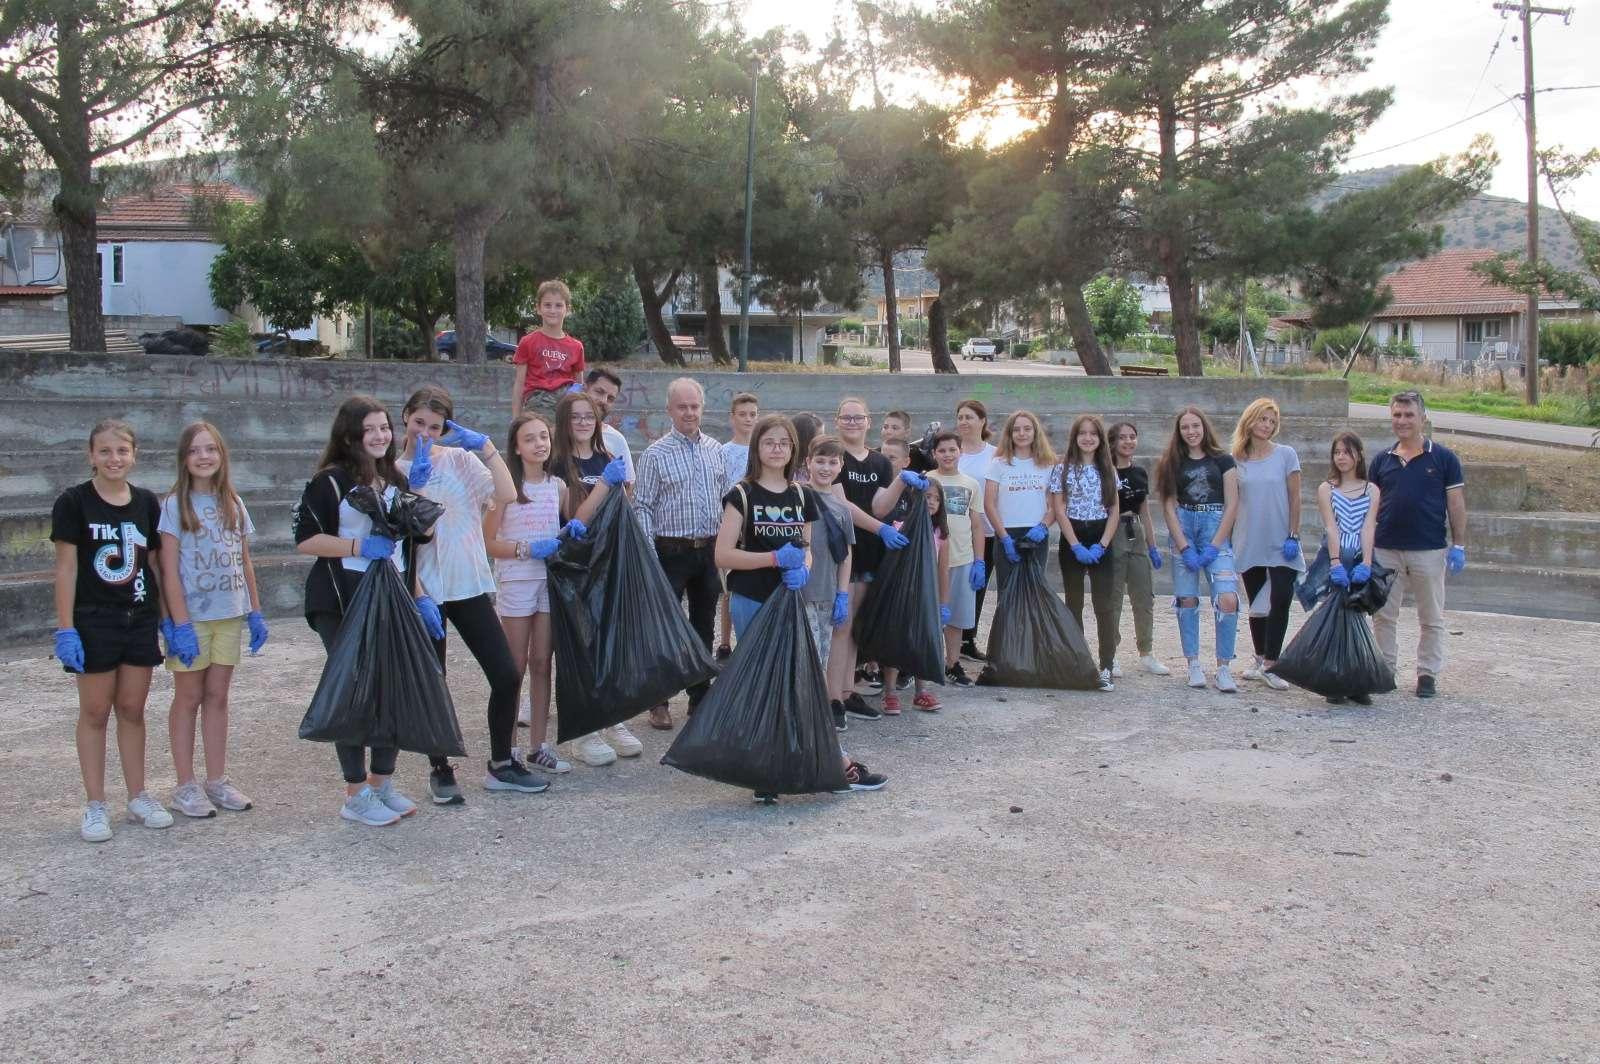 Περιβαλλοντική δράση από παιδιά στο δήμο Τεμπών (φωτο)